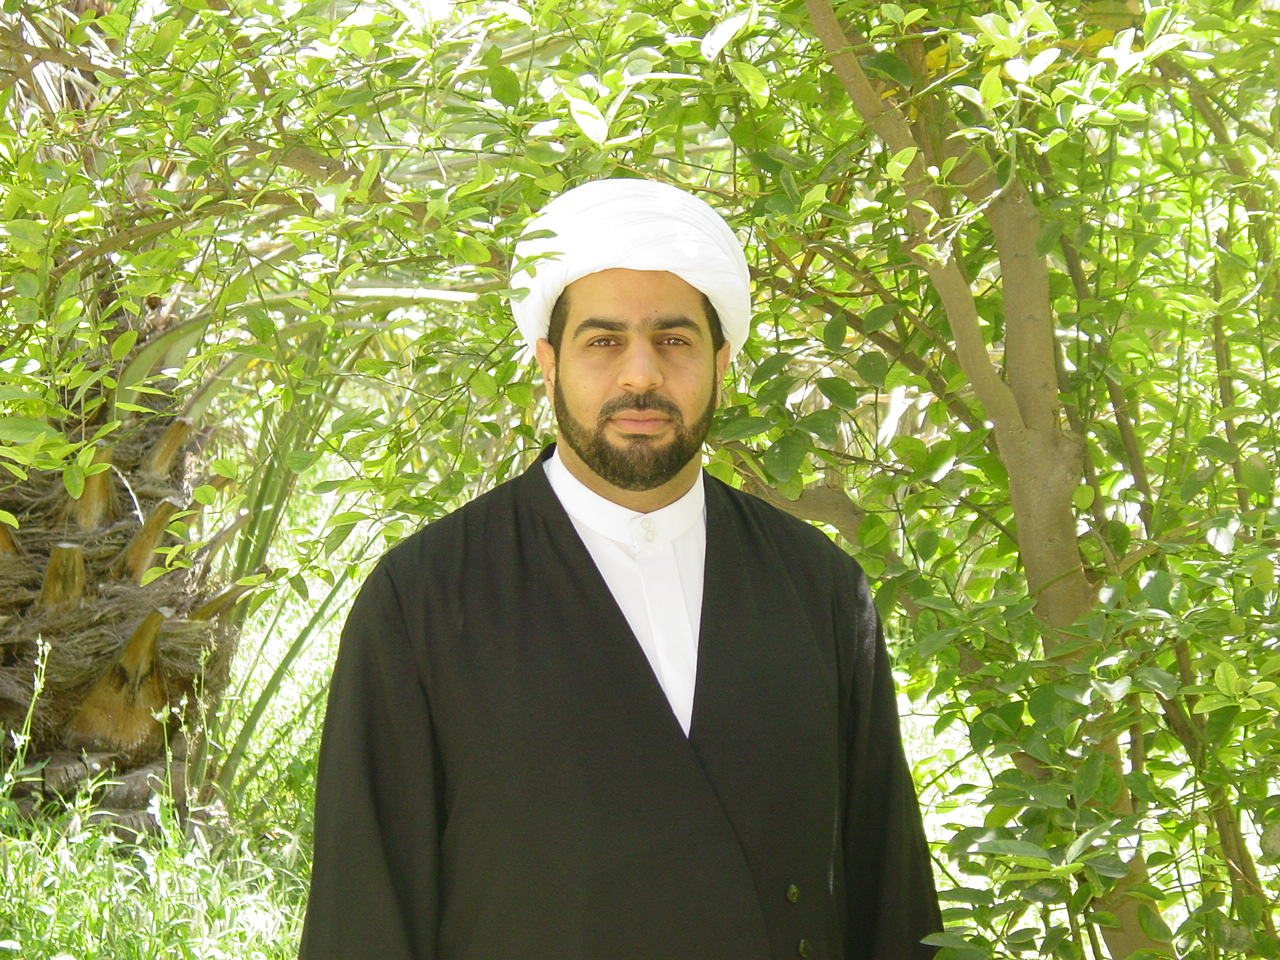 الشيخ محمد المشيقري 9